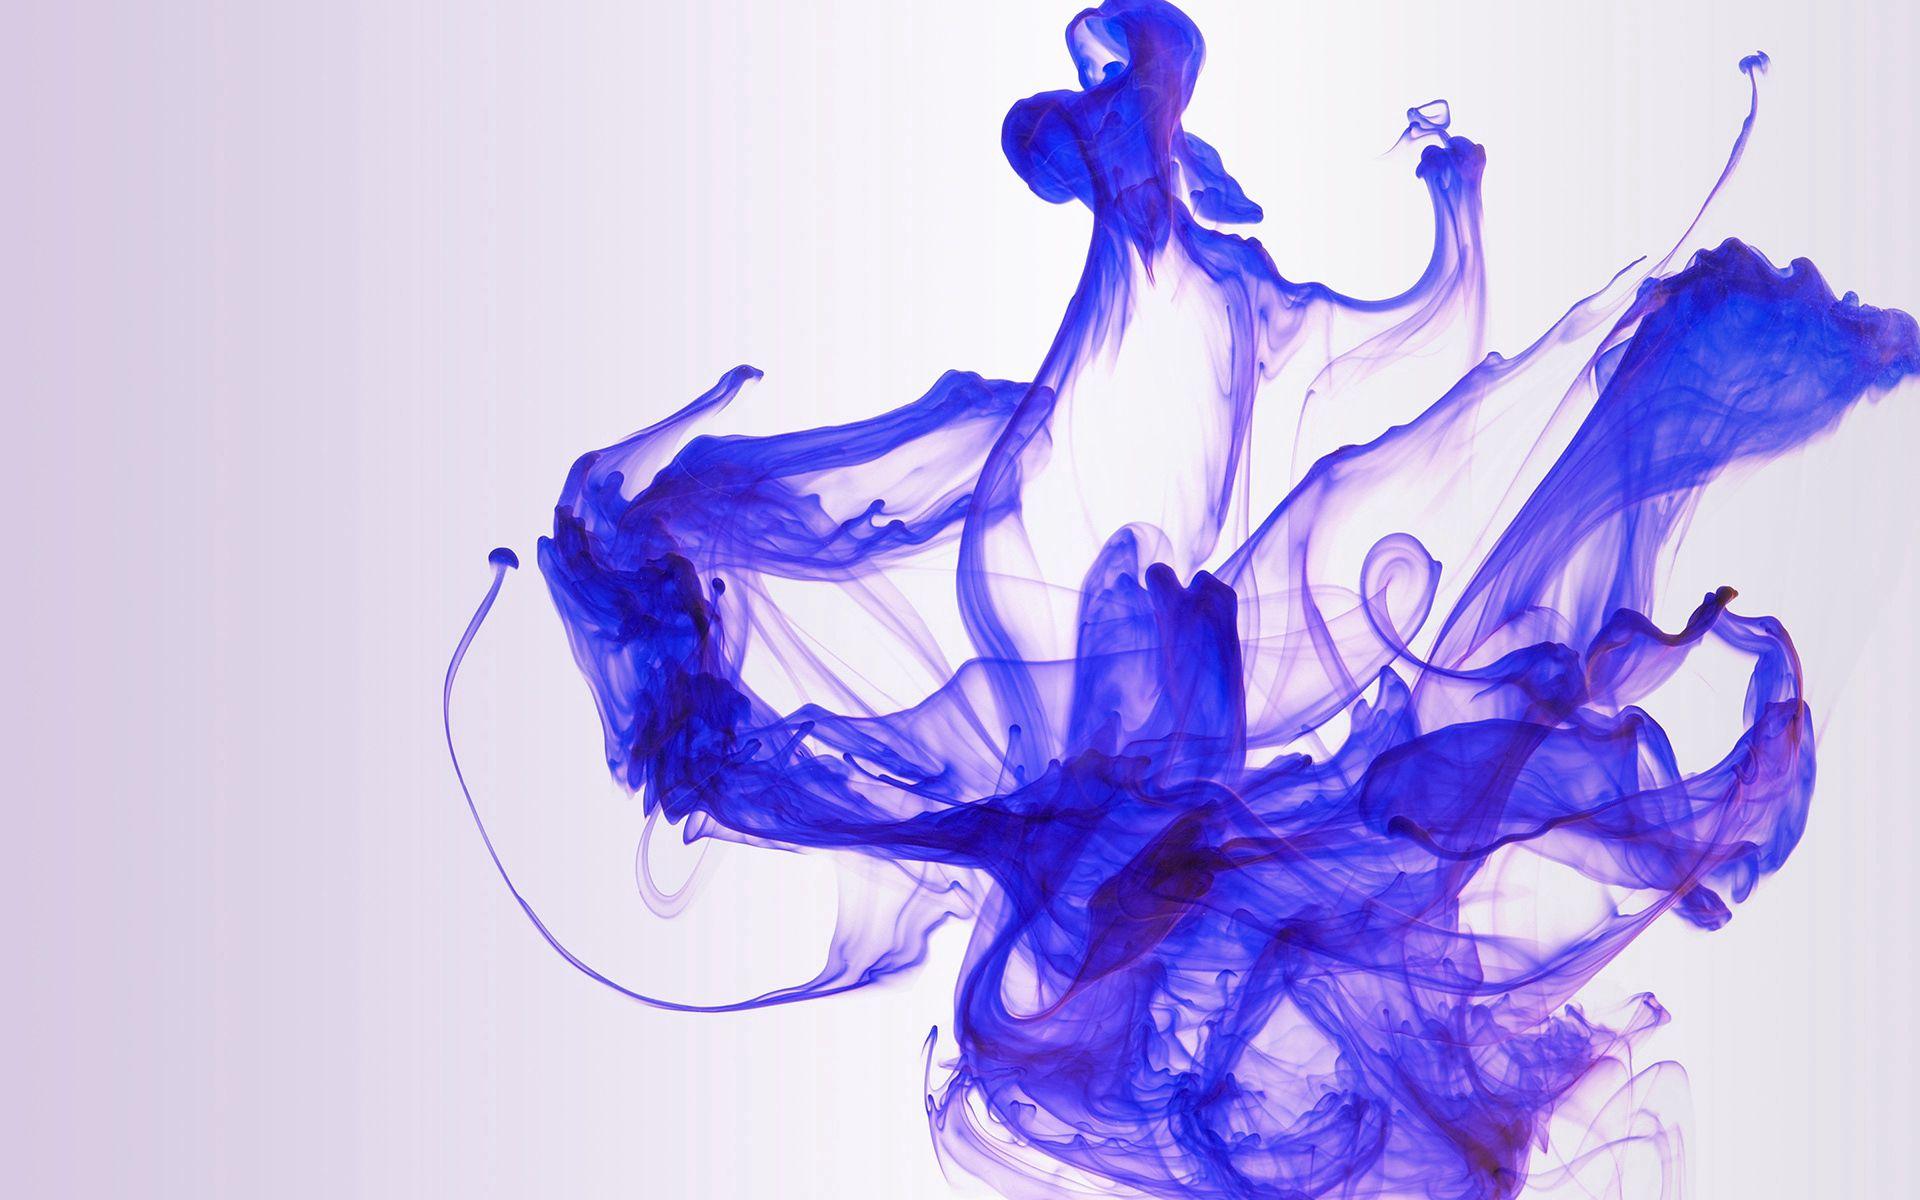 78187 Заставки и Обои Дым на телефон. Скачать Дым, Абстракция, Свет, Светлый, Пелена картинки бесплатно